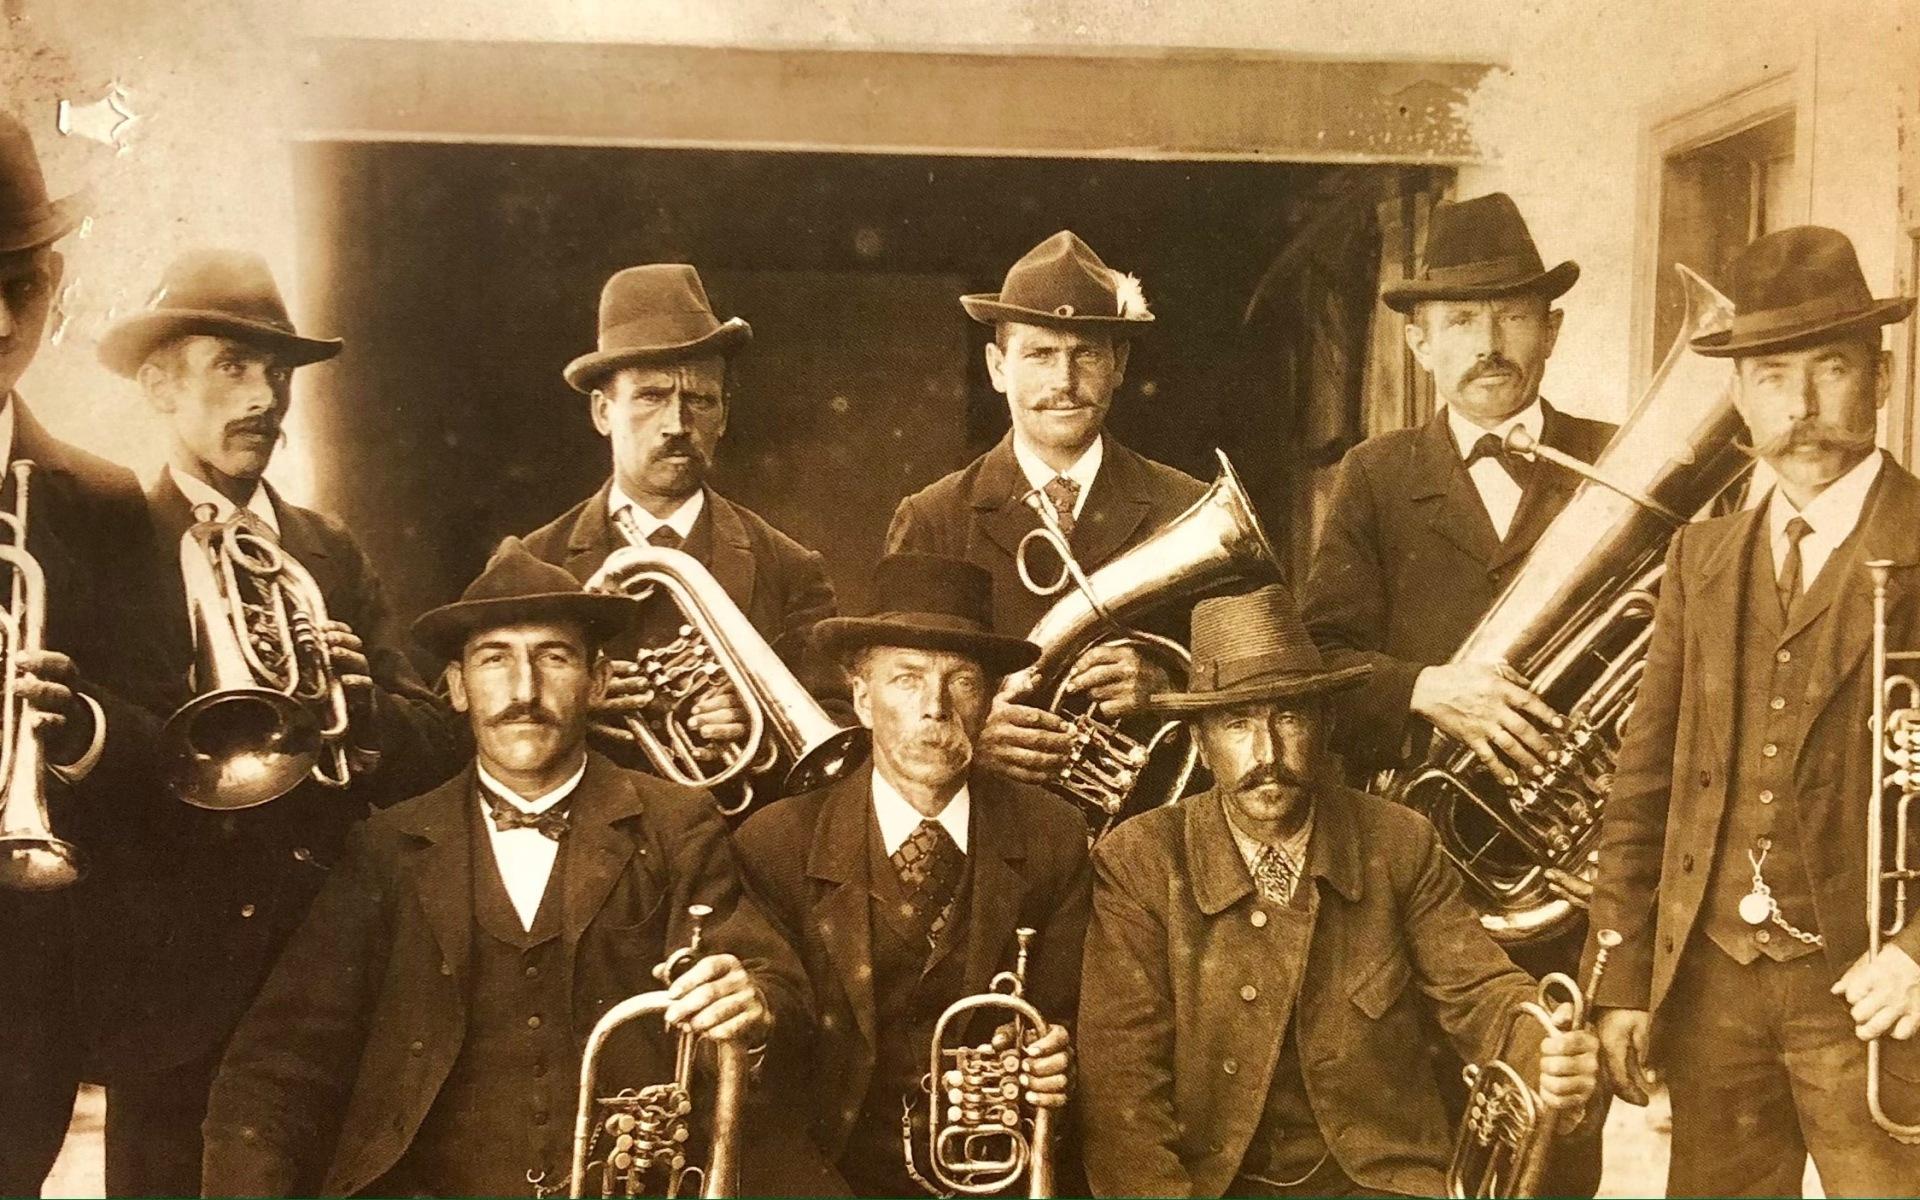 Die Ursprünge der Türkenfelder Blasmusik lassen sich bis 1900 zurückverfolgen